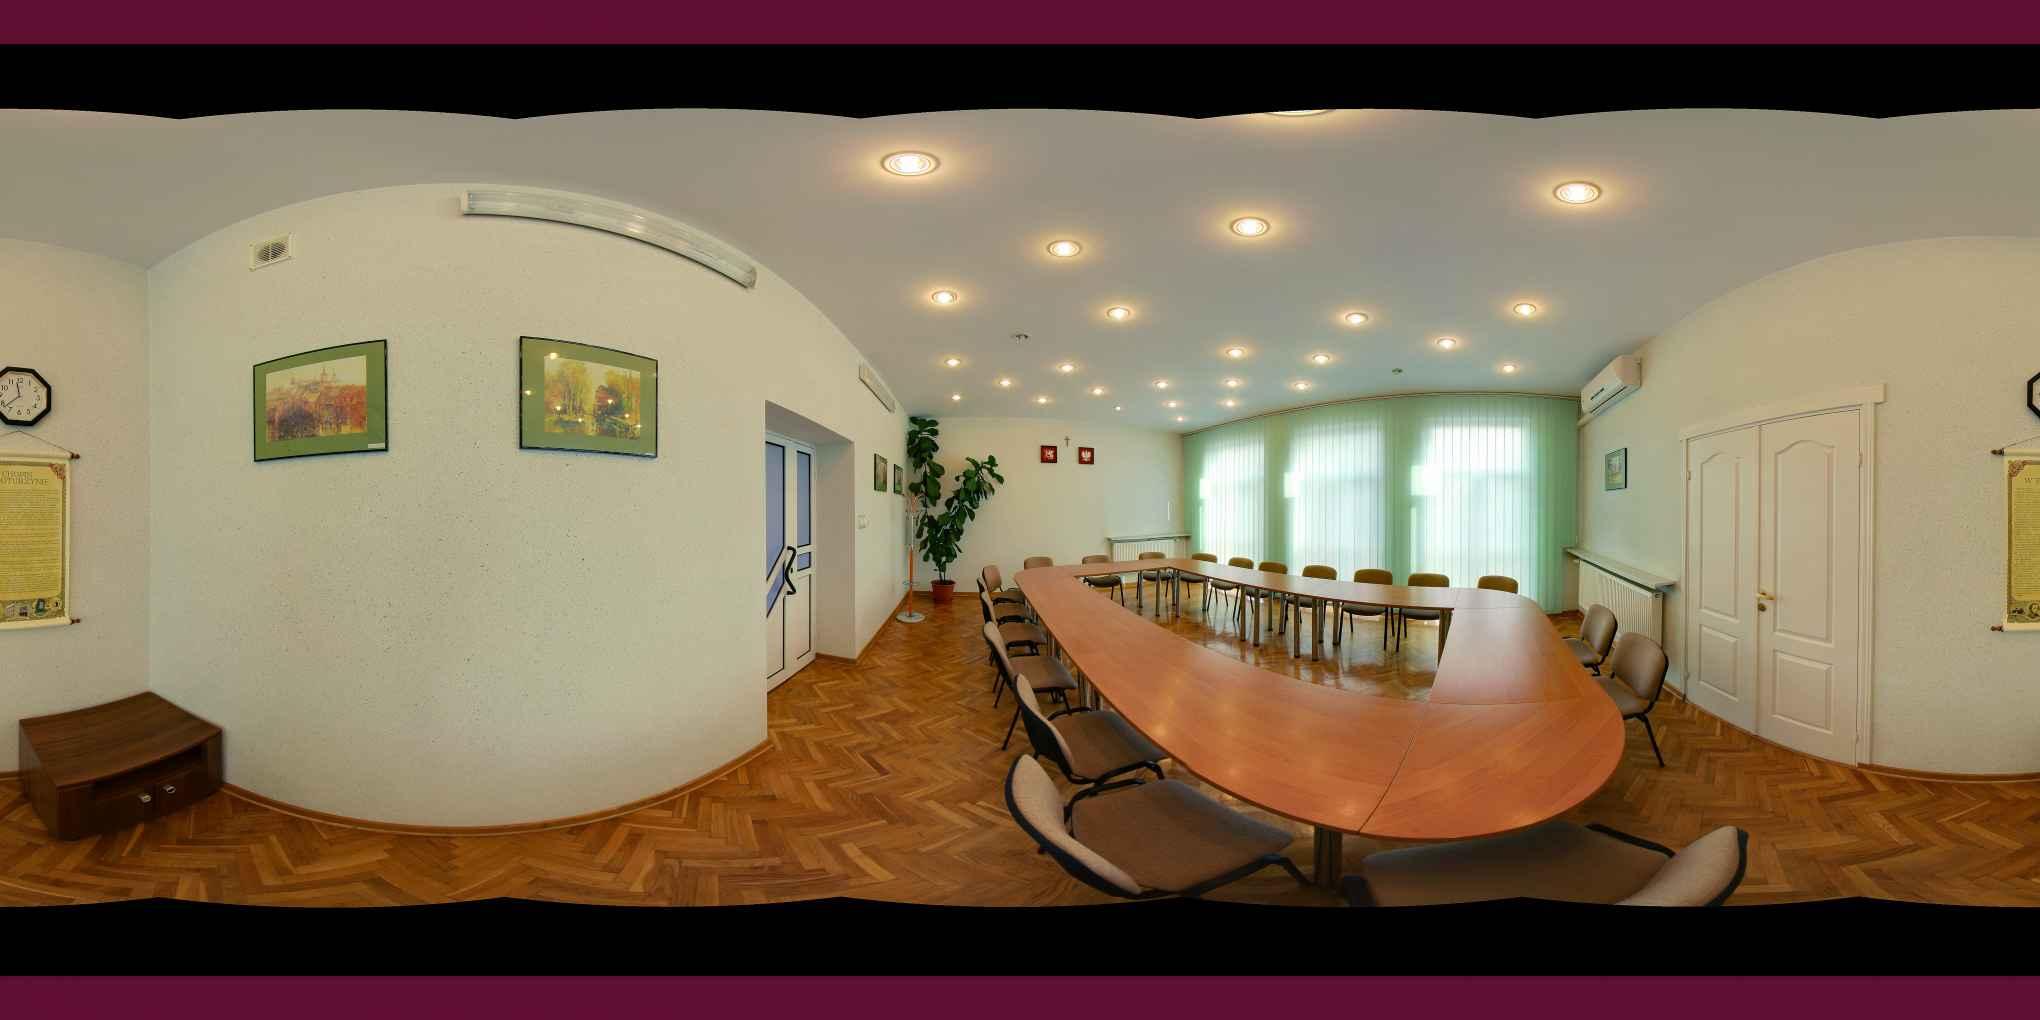 Prezentacja panoramiczna dla obiektu Starostwo Powiatowe w Tomaszowie Lubelskim